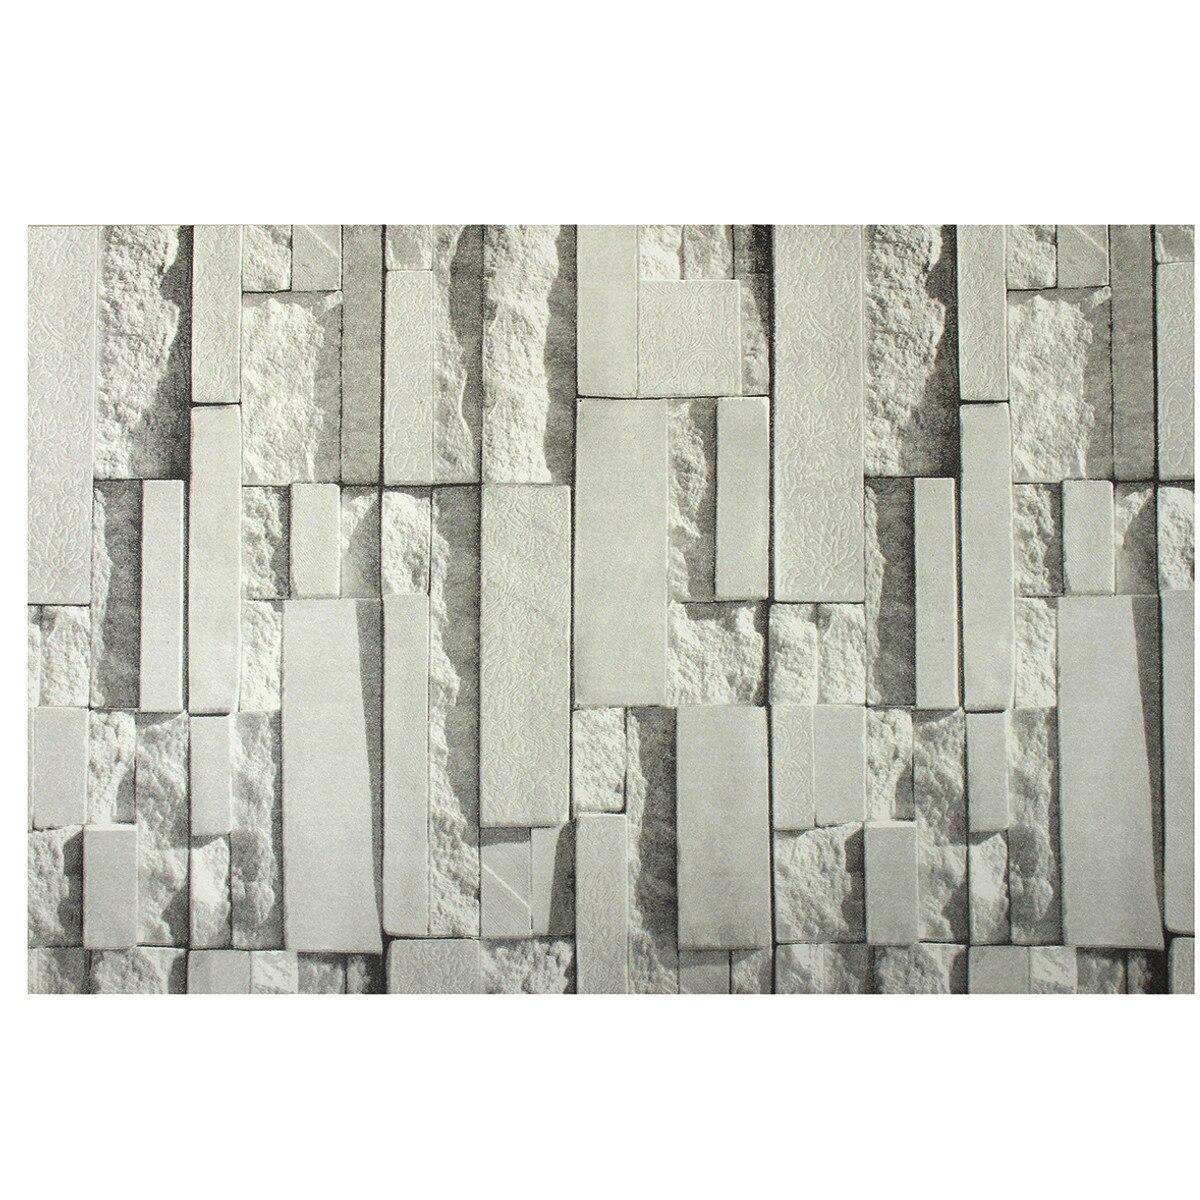 gris clair 3d stickers muraux brique motif texture non tiss papier peint autocollant tv fond. Black Bedroom Furniture Sets. Home Design Ideas